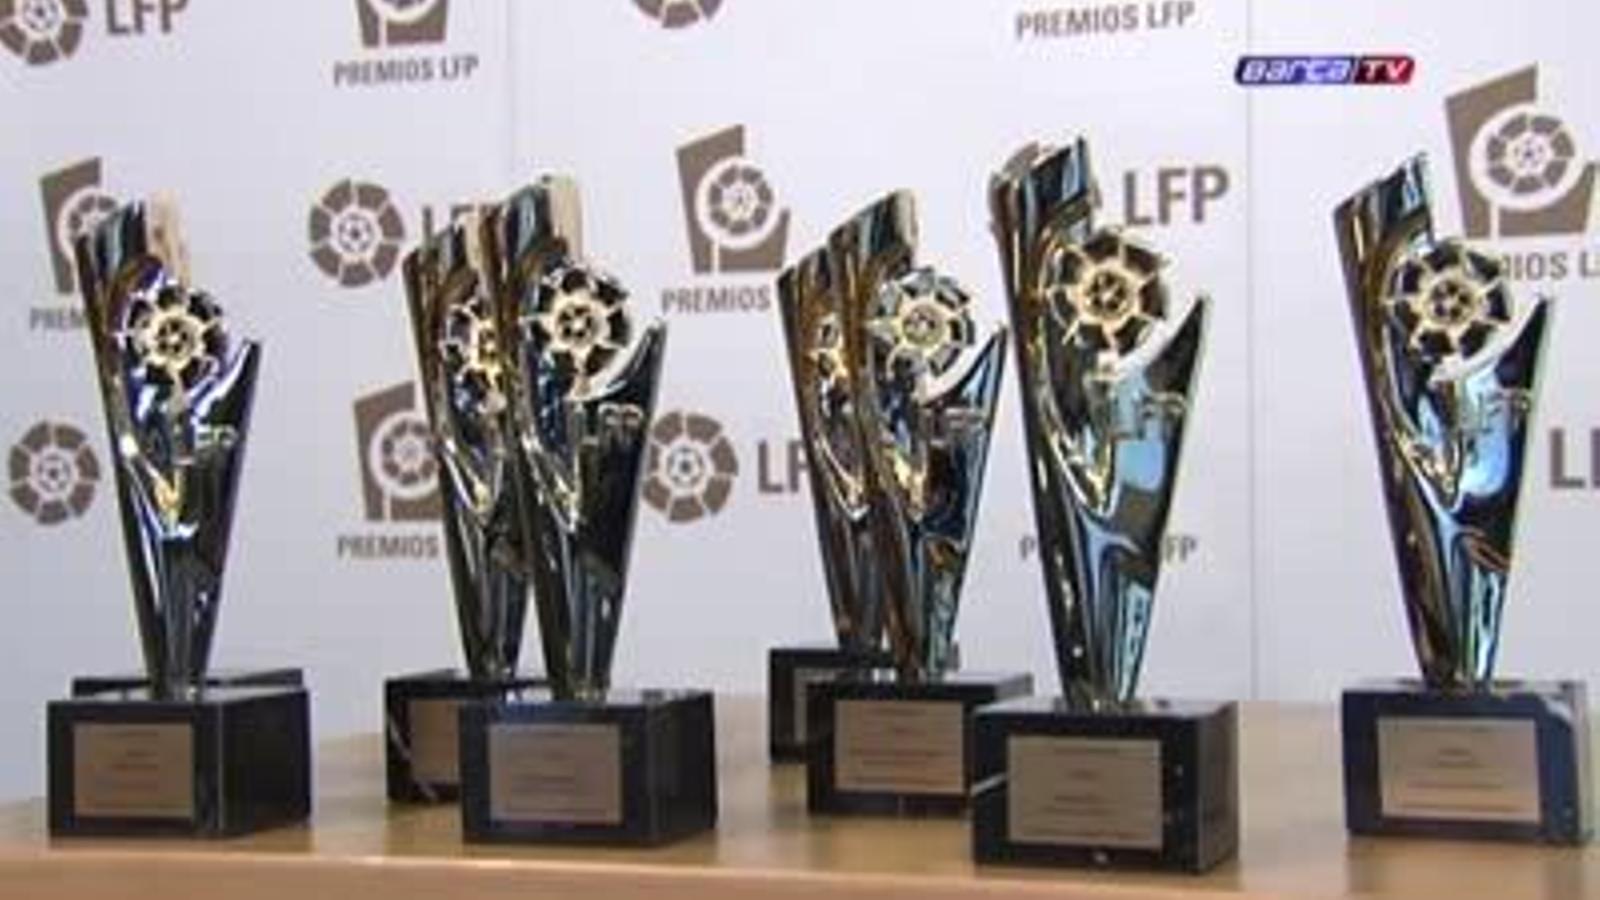 Guardiola, després de rebre el Premi LFP: Vull compartir aquest premi amb els jugadors